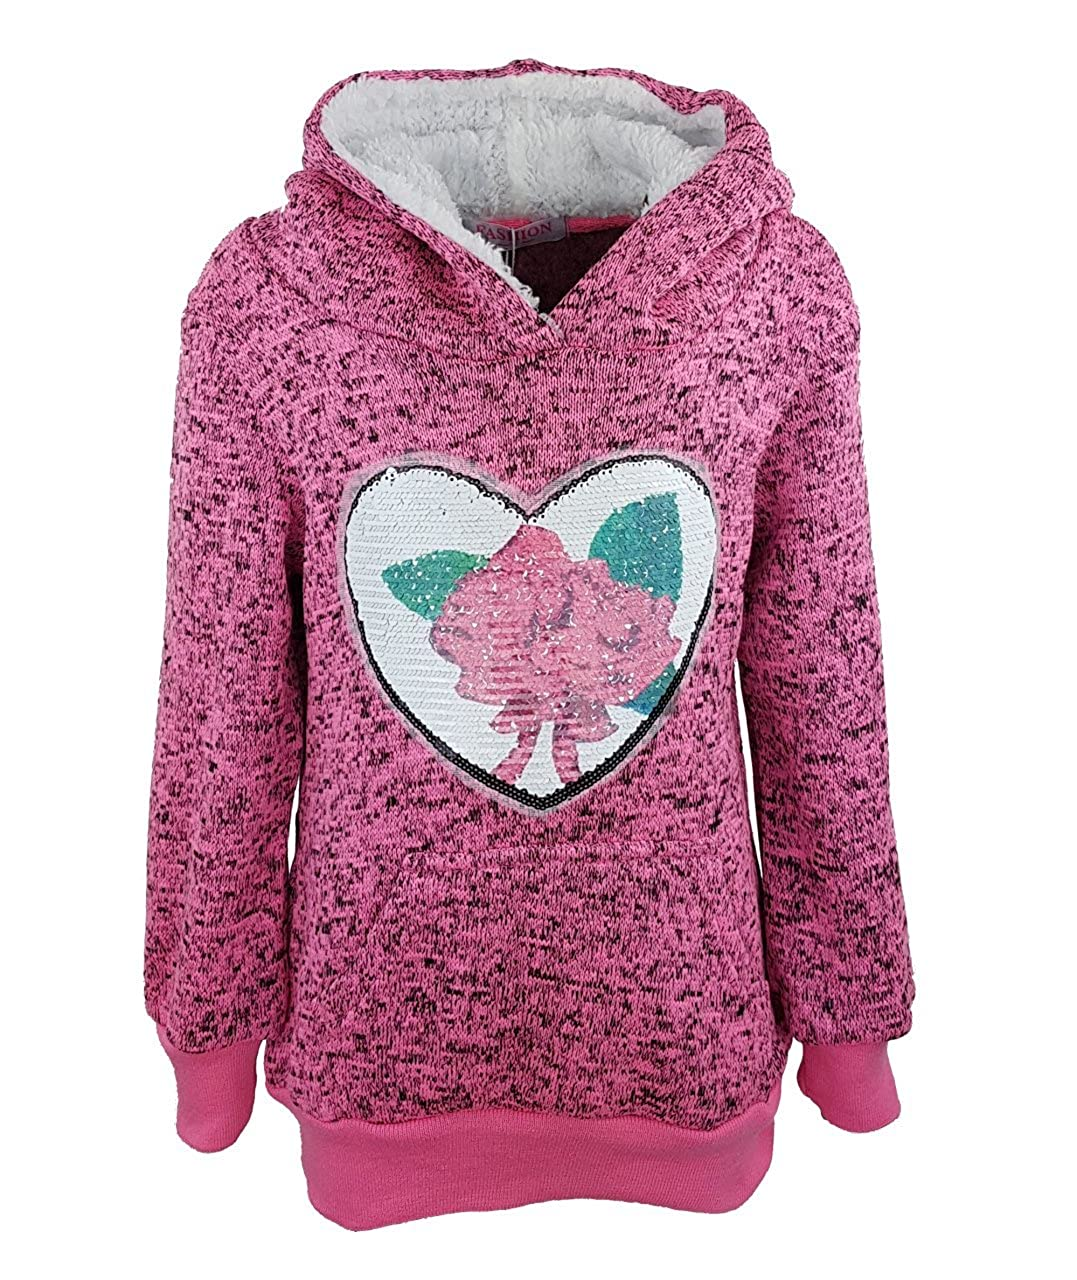 warmer Mä dchen Kapuzen Pullover, Pulli, mit wechsel Pailletten, Sweatshirt, MS06e